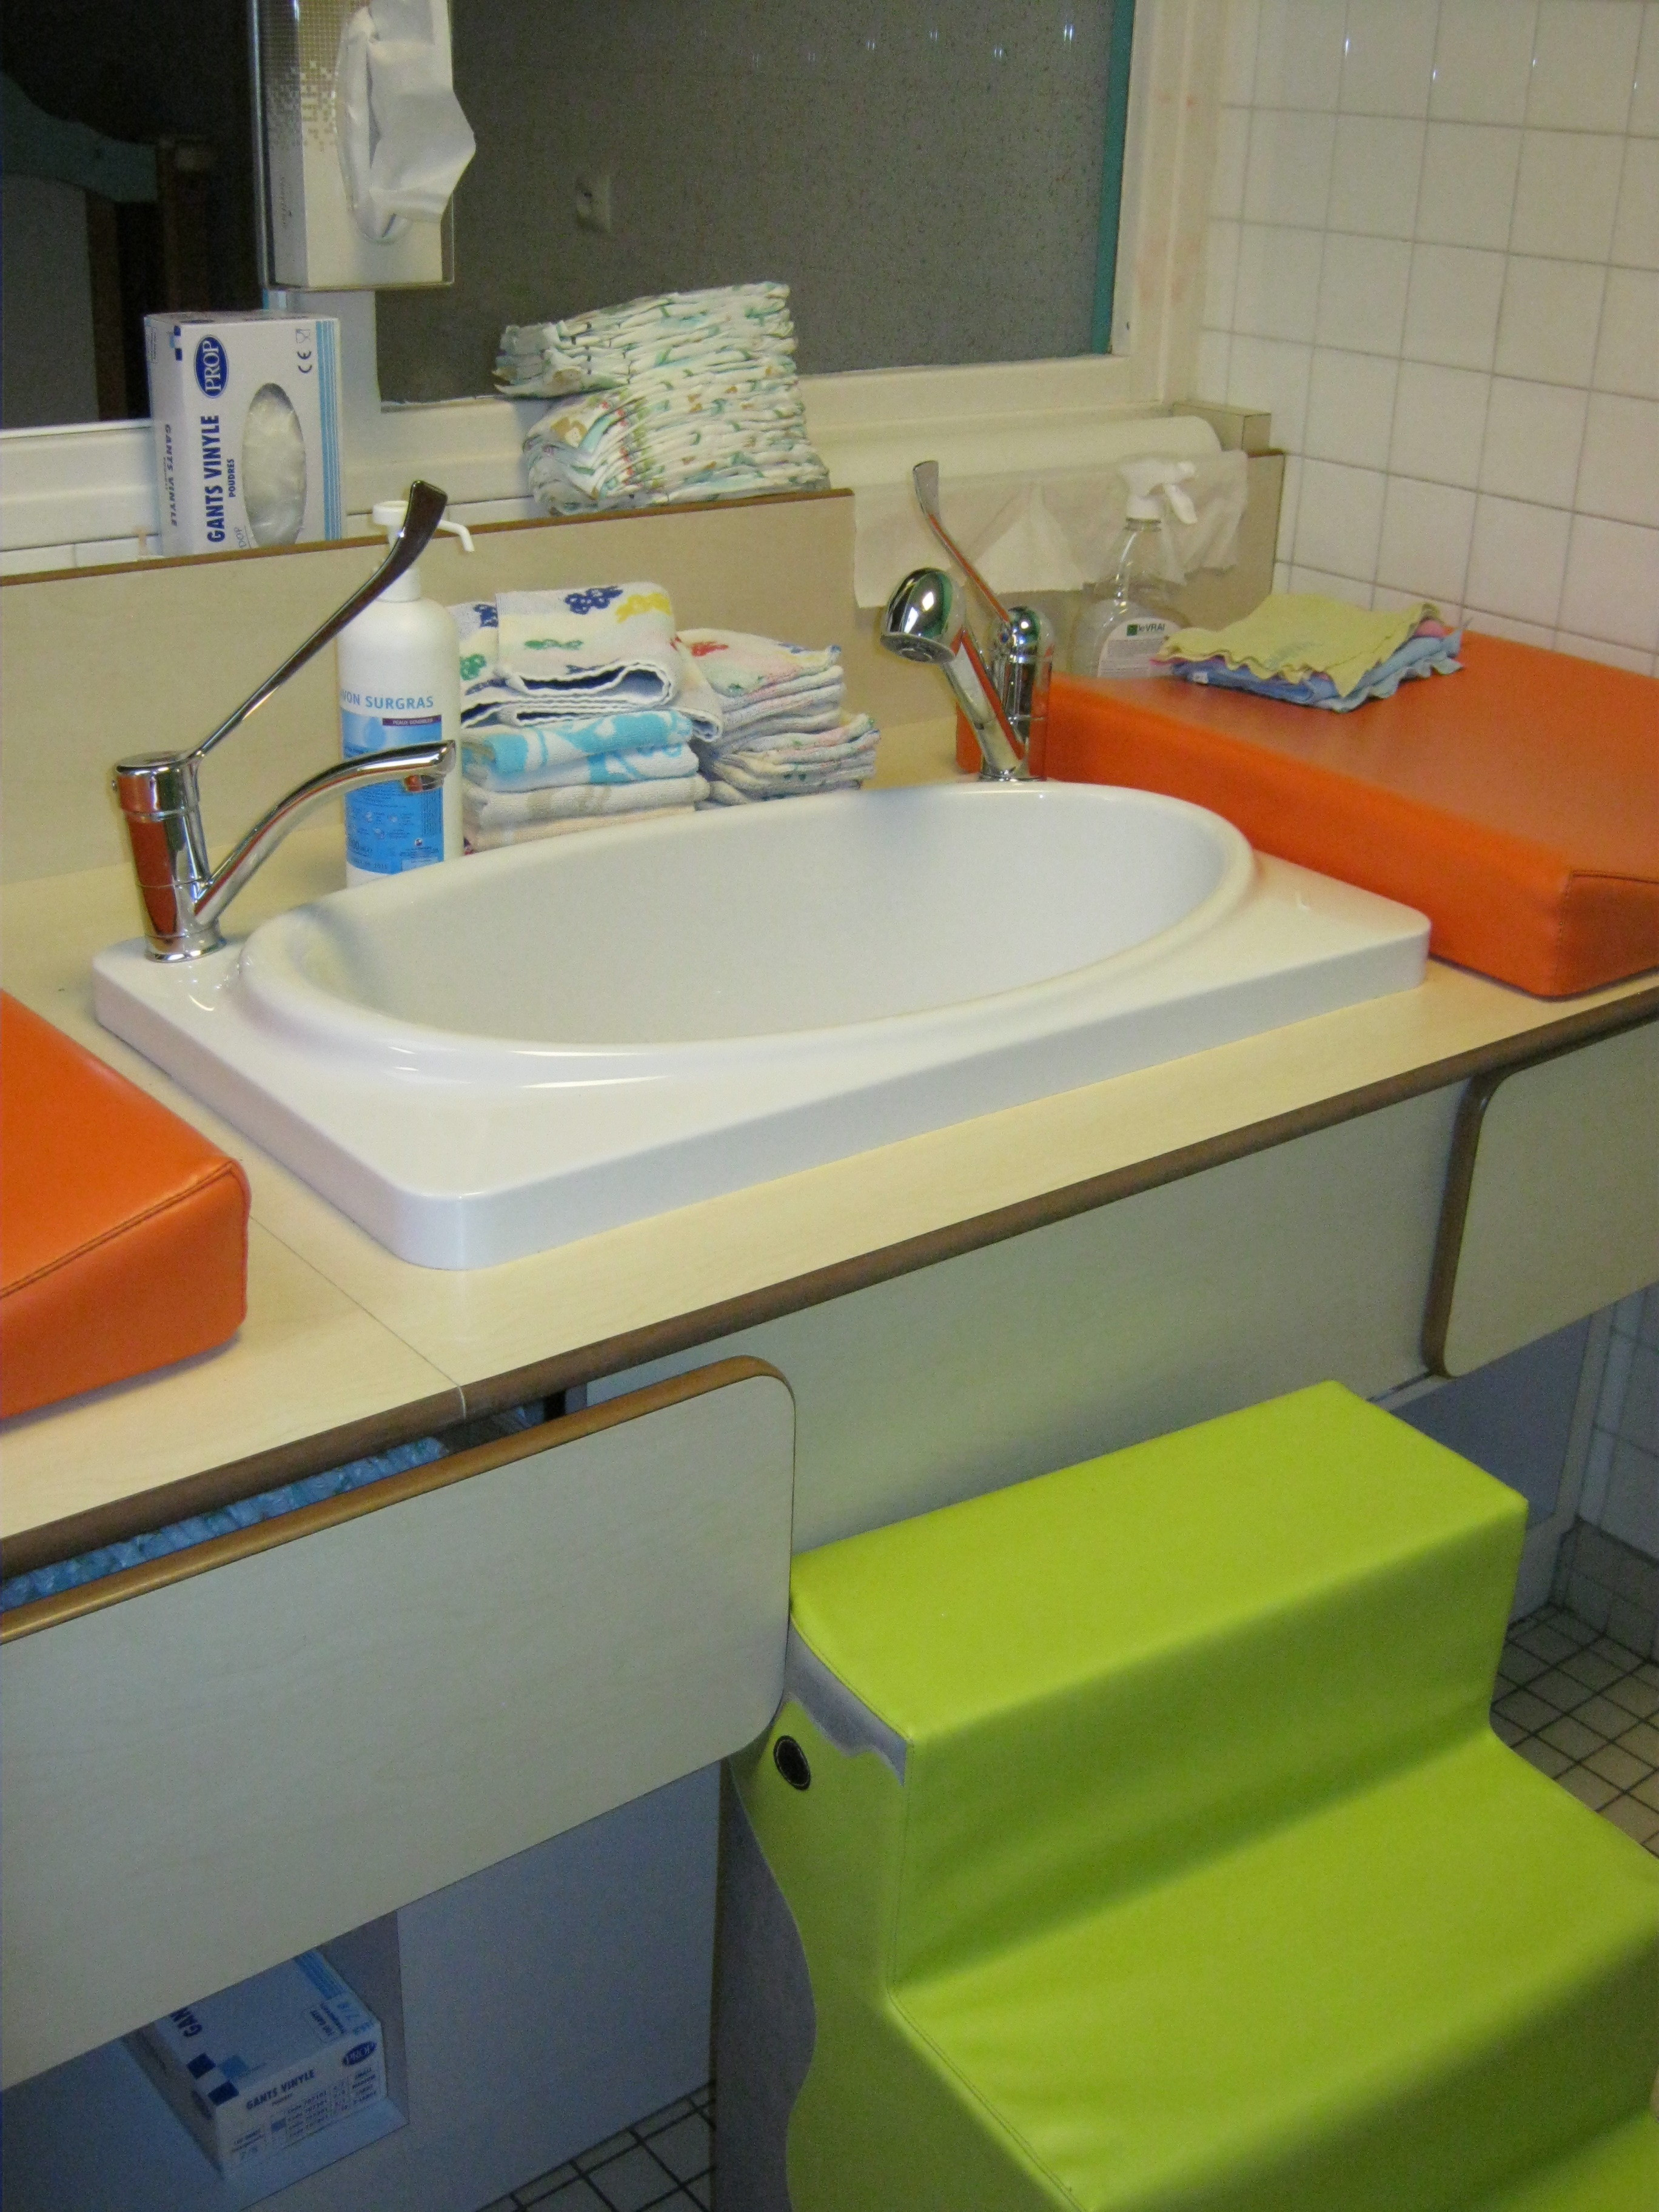 Design faience mosaique salle de bain moderne calais for Faience salle de bain moderne